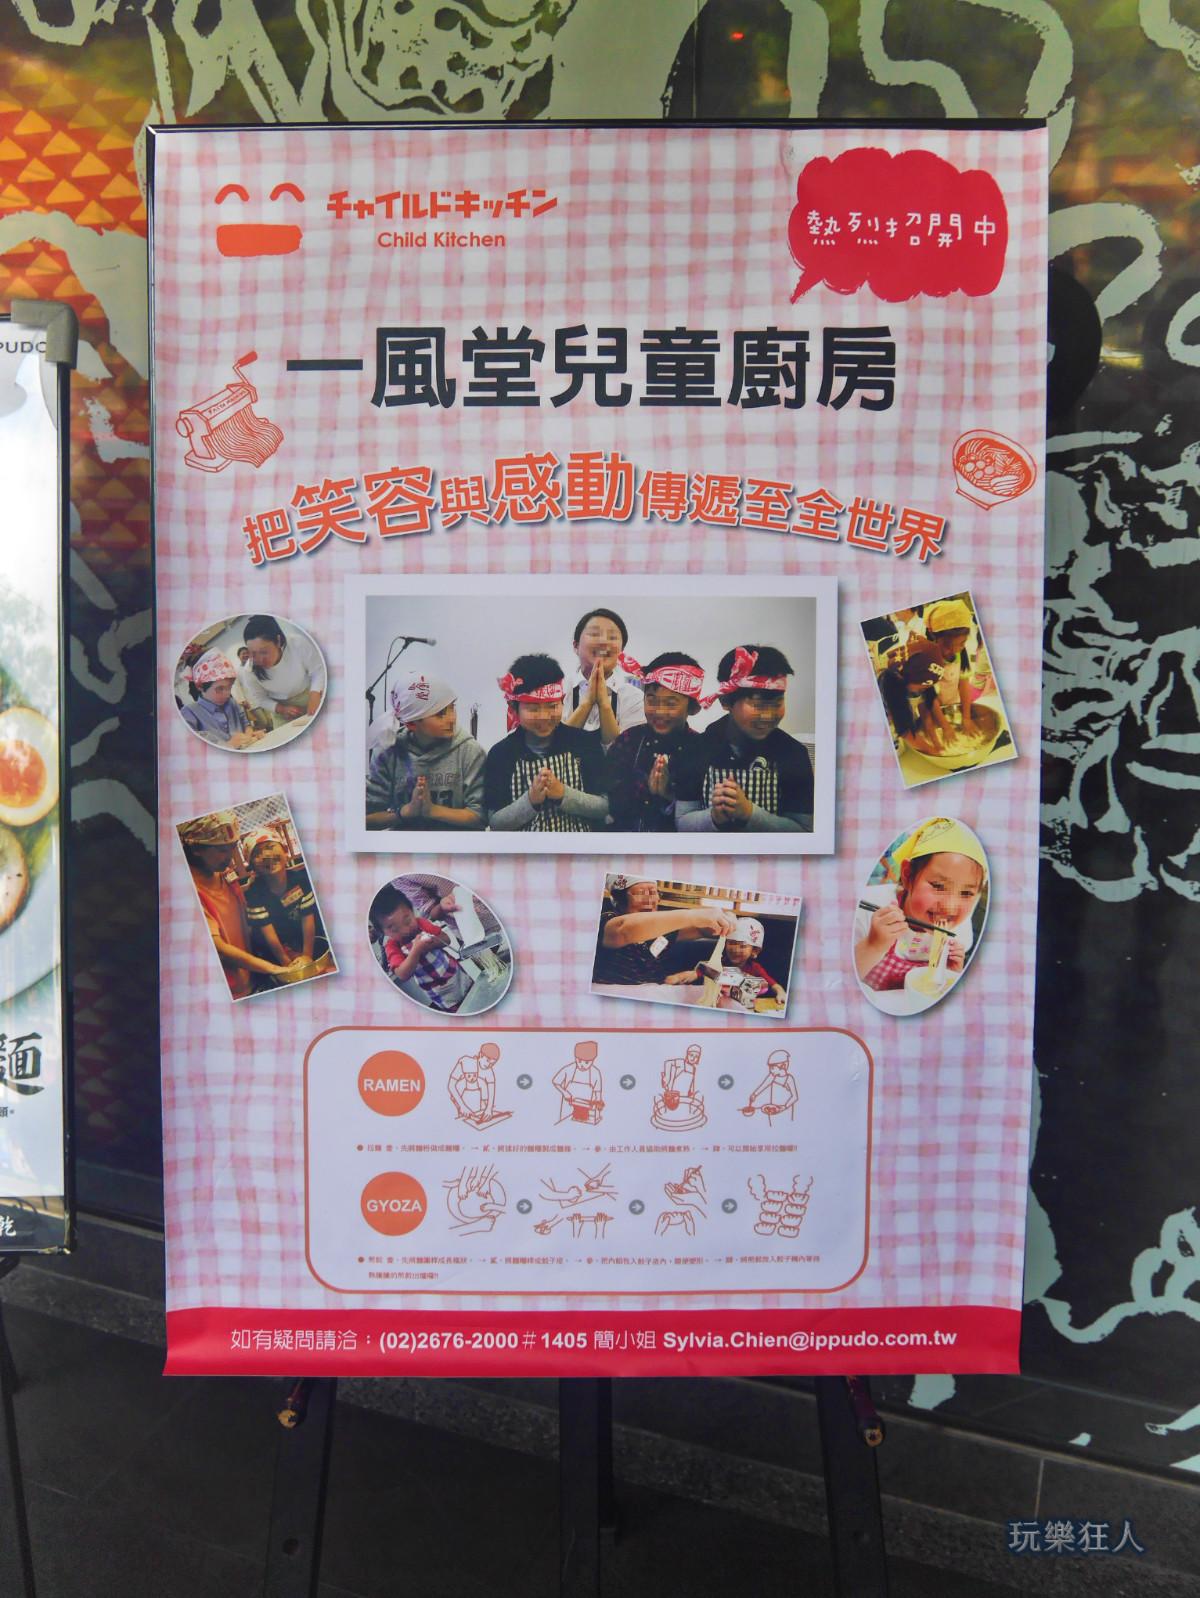 『一風堂兒童廚房』- 招生廣告